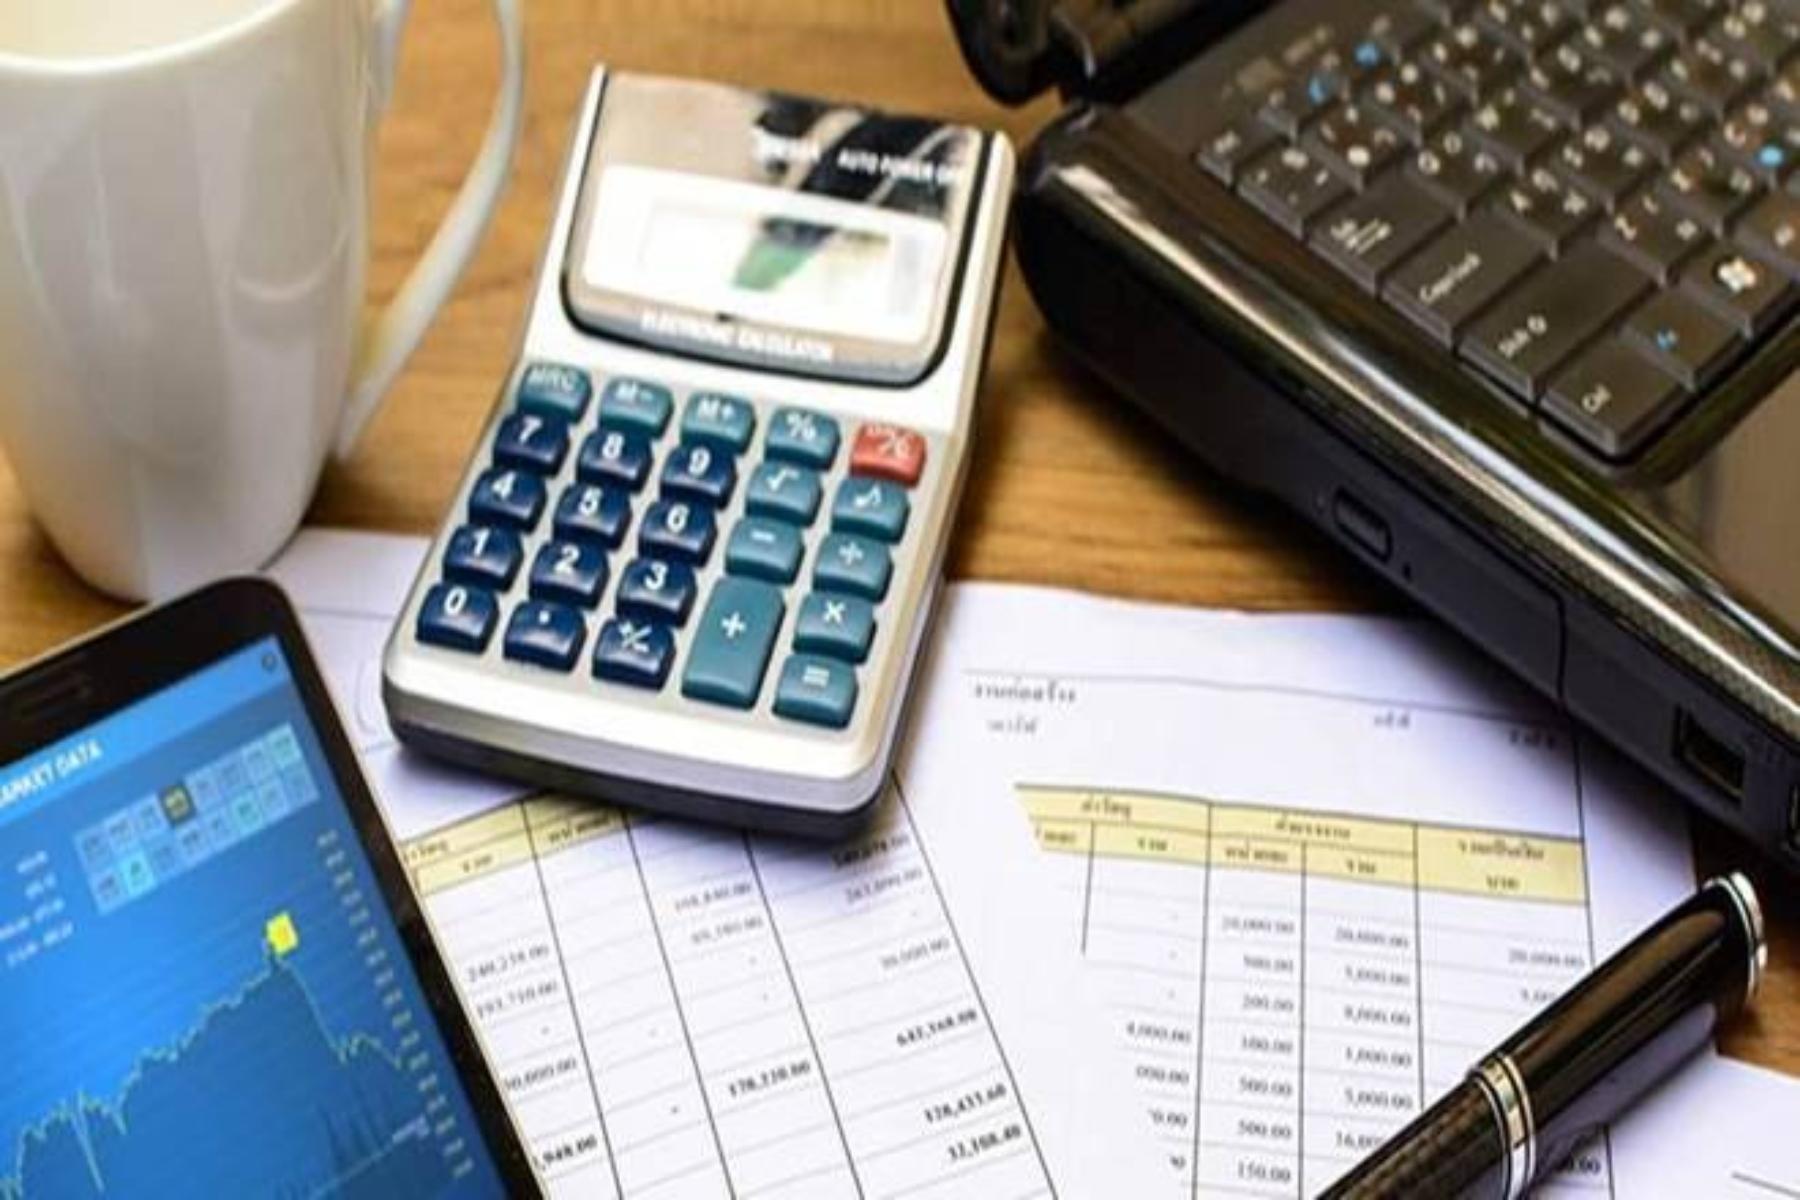 Φορολογικές δηλώσεις: Πότε θα ξεκινήσει η υποβολή τους